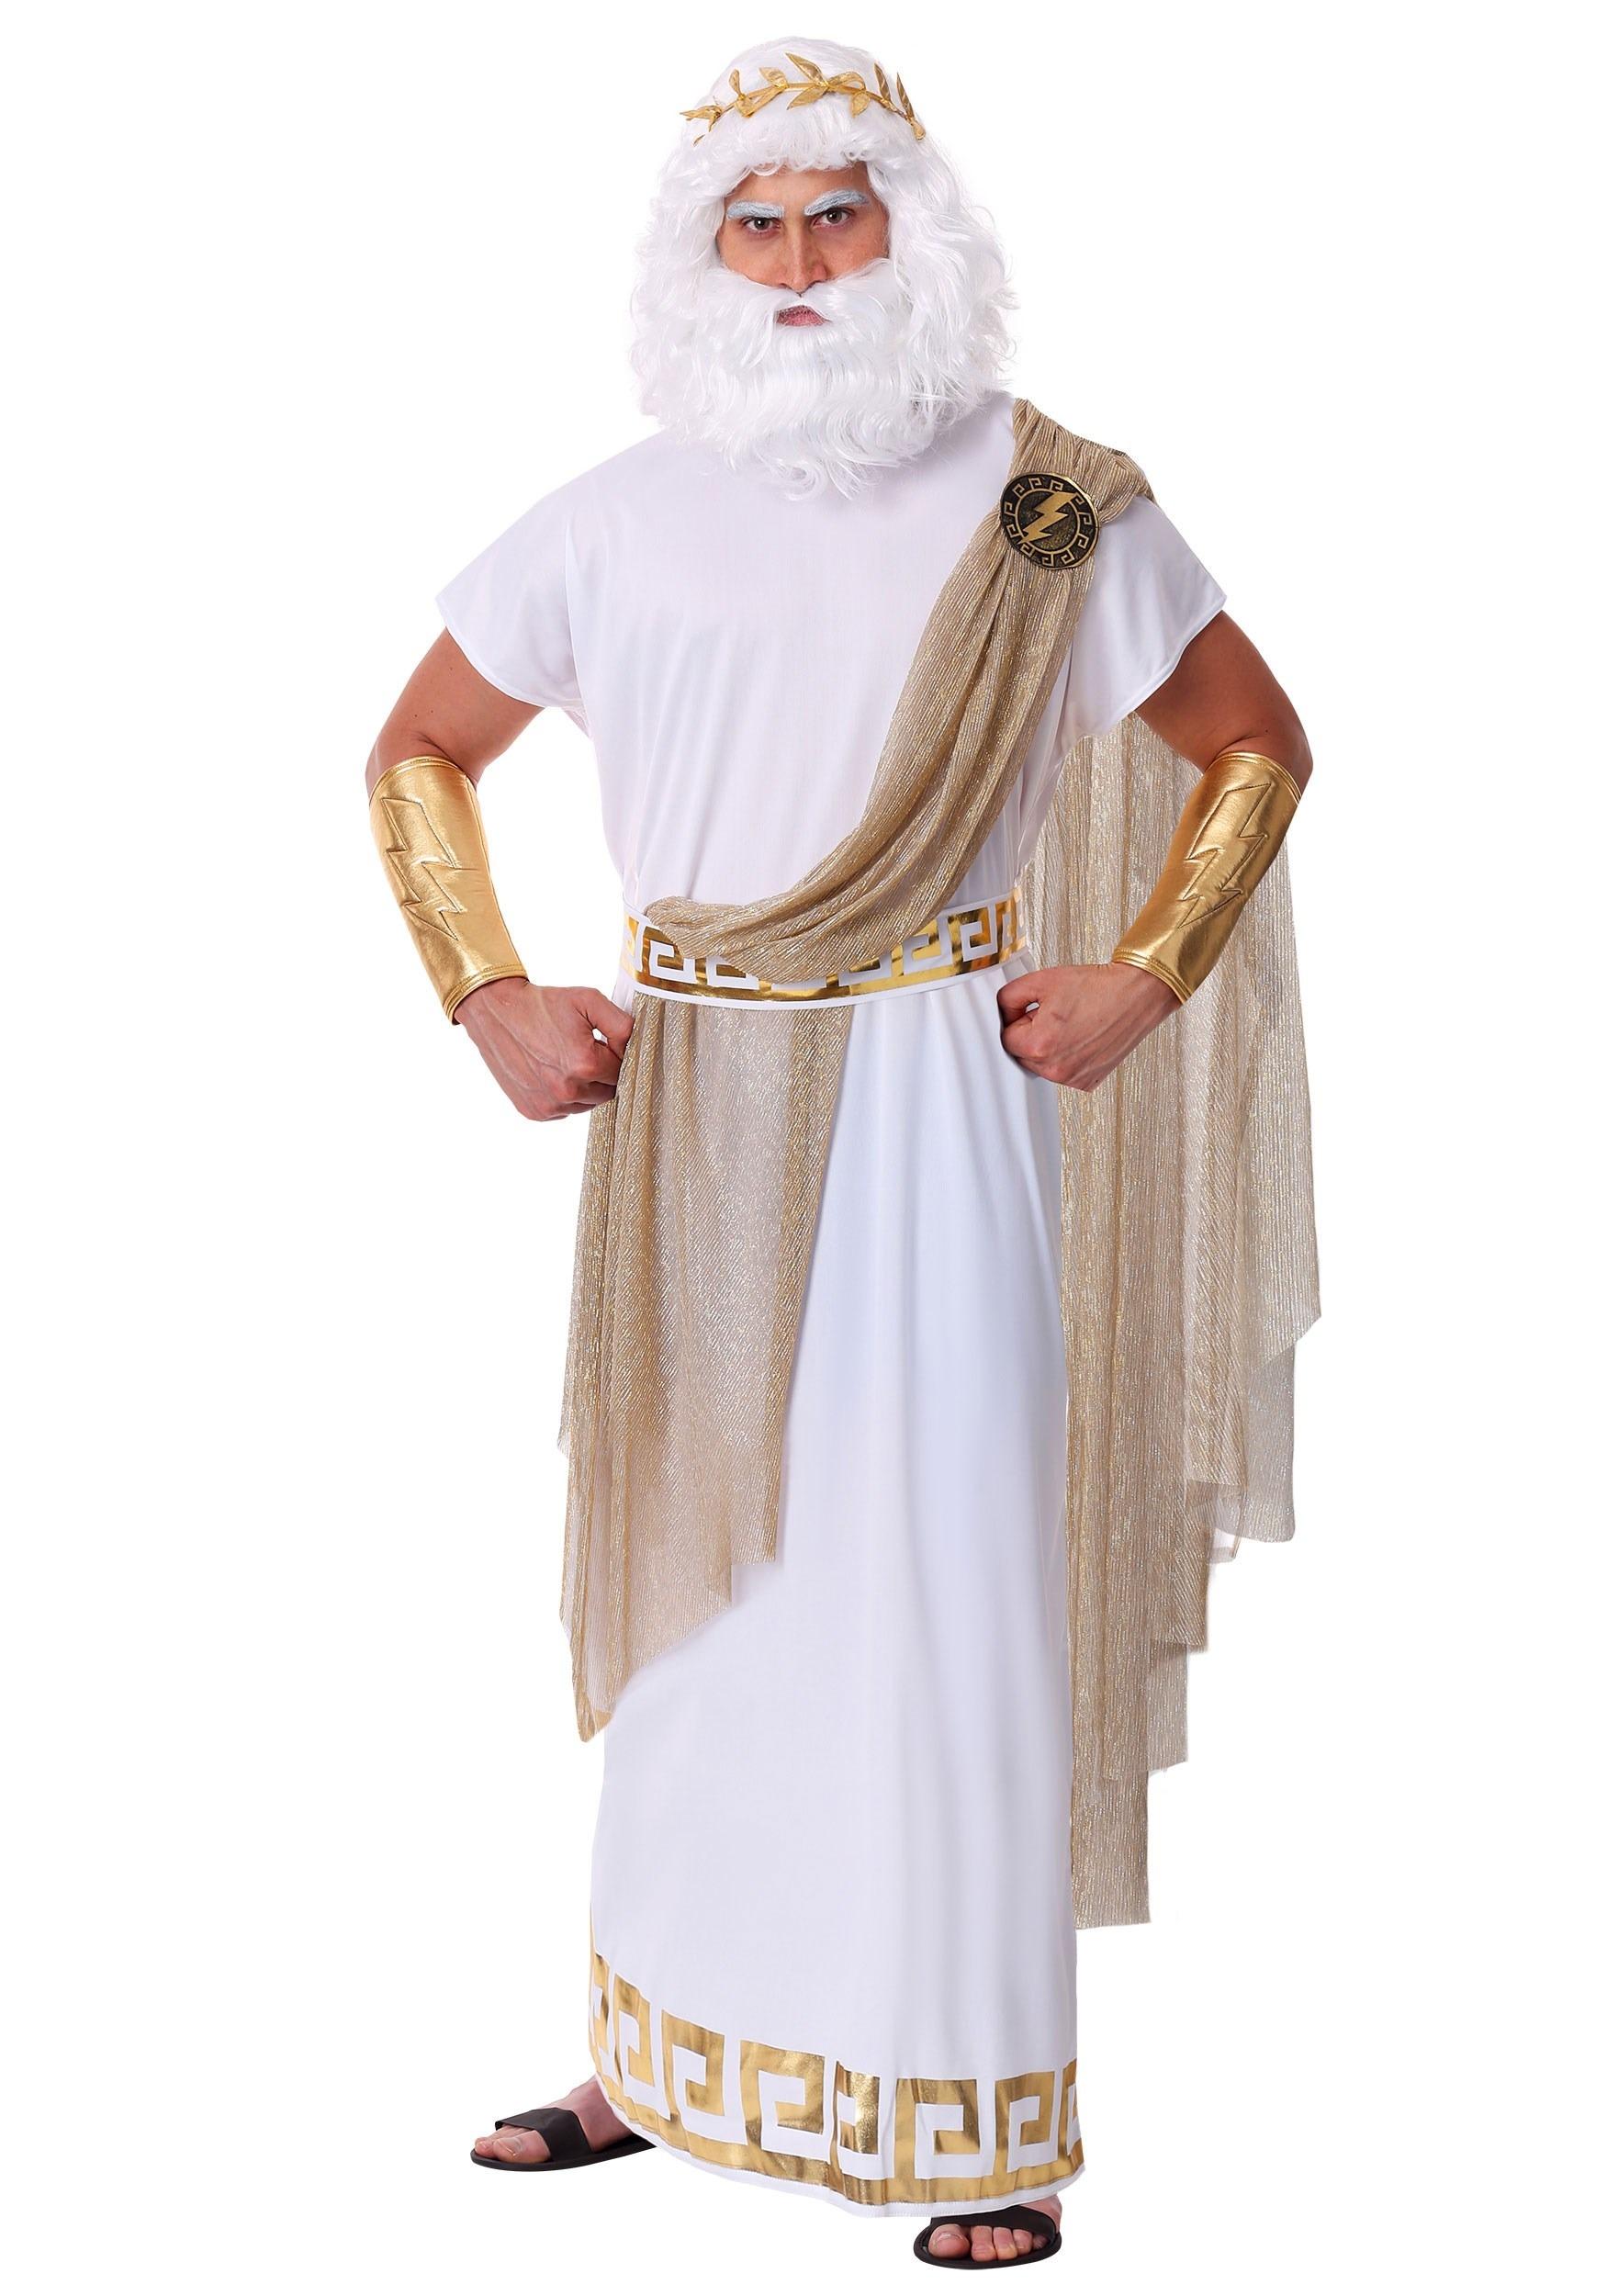 хочу костюм древнего грека фото способ найти